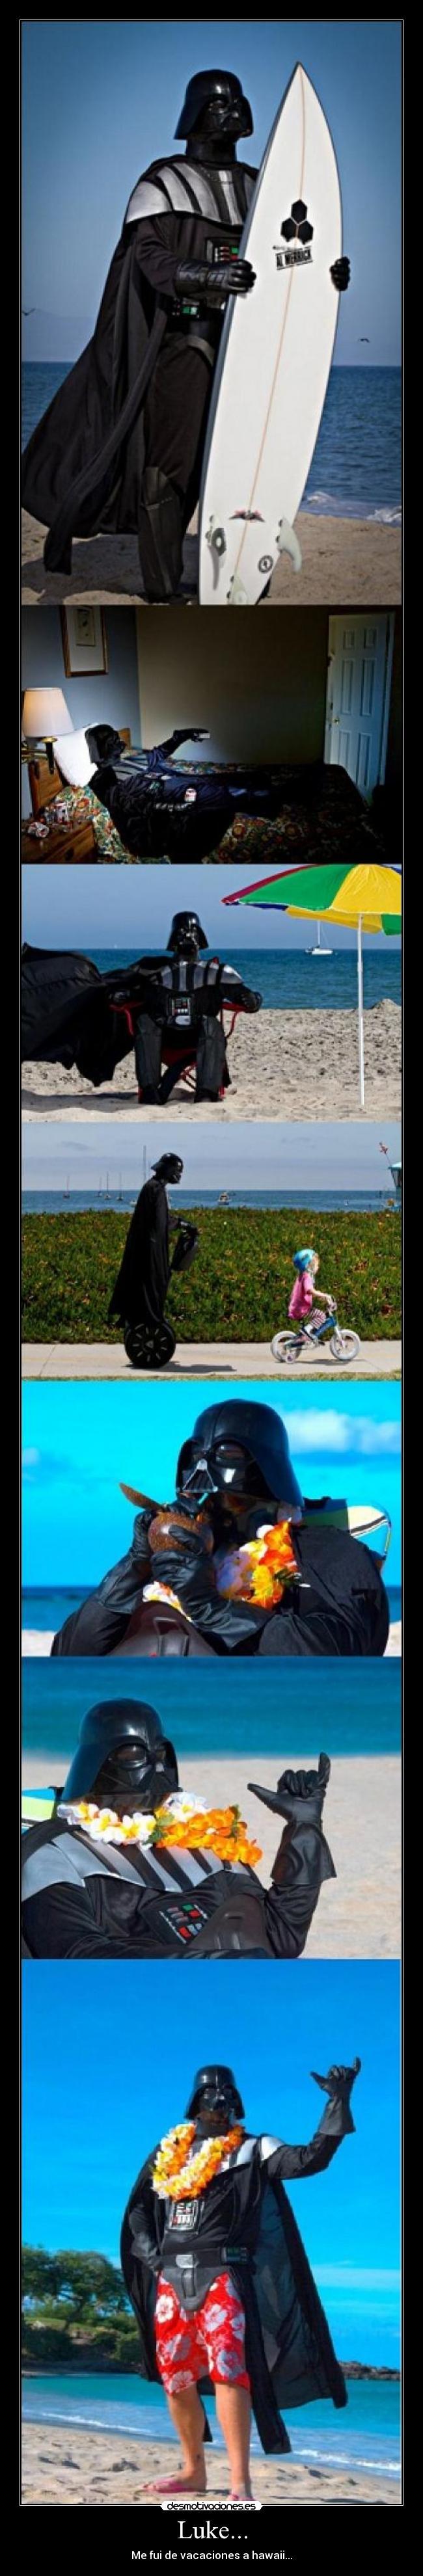 Imagenes graciosas de todo tipo (: